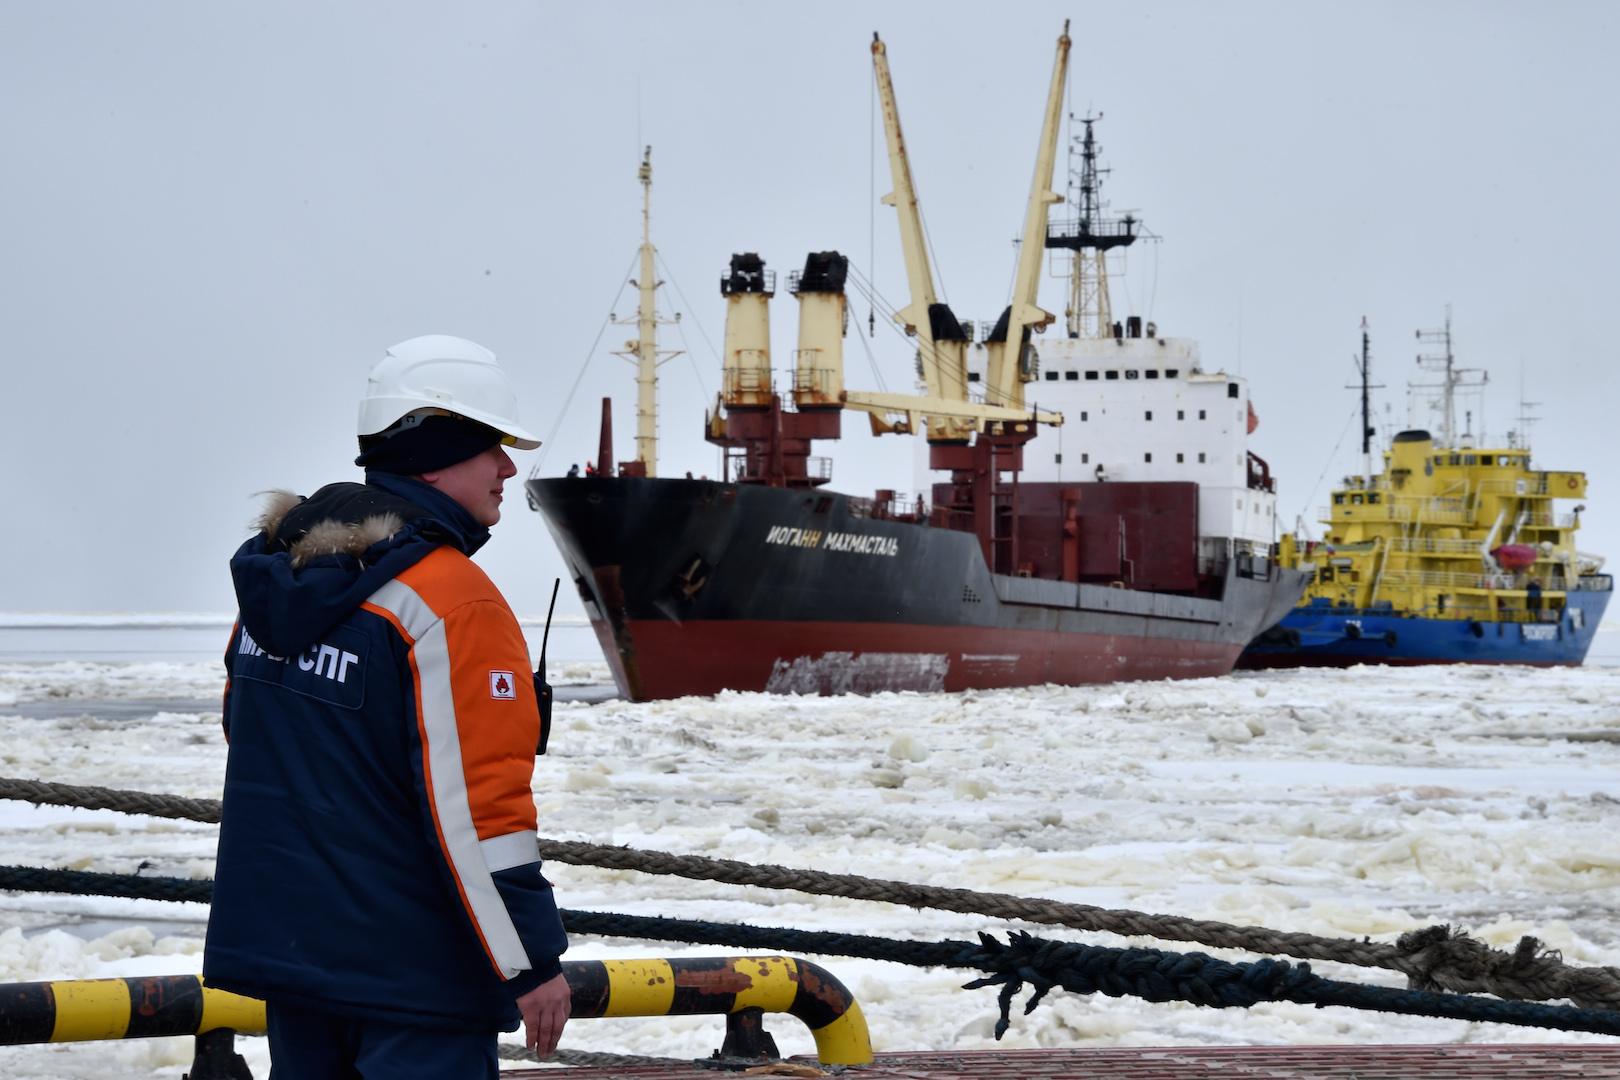 """Sur cette photo prise le 5 mai 2016, le navire """"brise-glace"""" Tor (à droite) emmenant un cargo au port de Sabetta dans la mer de Kara sur la péninsule de Yamal dans le cercle arctique, à quelque 2450 km de Moscou. Yamal LNG, qui doit être lancé en 2017, est une usine de production de gaz naturel avec une capacité escomptée de 16,5 millions de tonnes par an pour une valeur de 27 milliards de dollars. (Crédits : AFP PHOTO / KIRILL KUDRYAVTSEV)"""